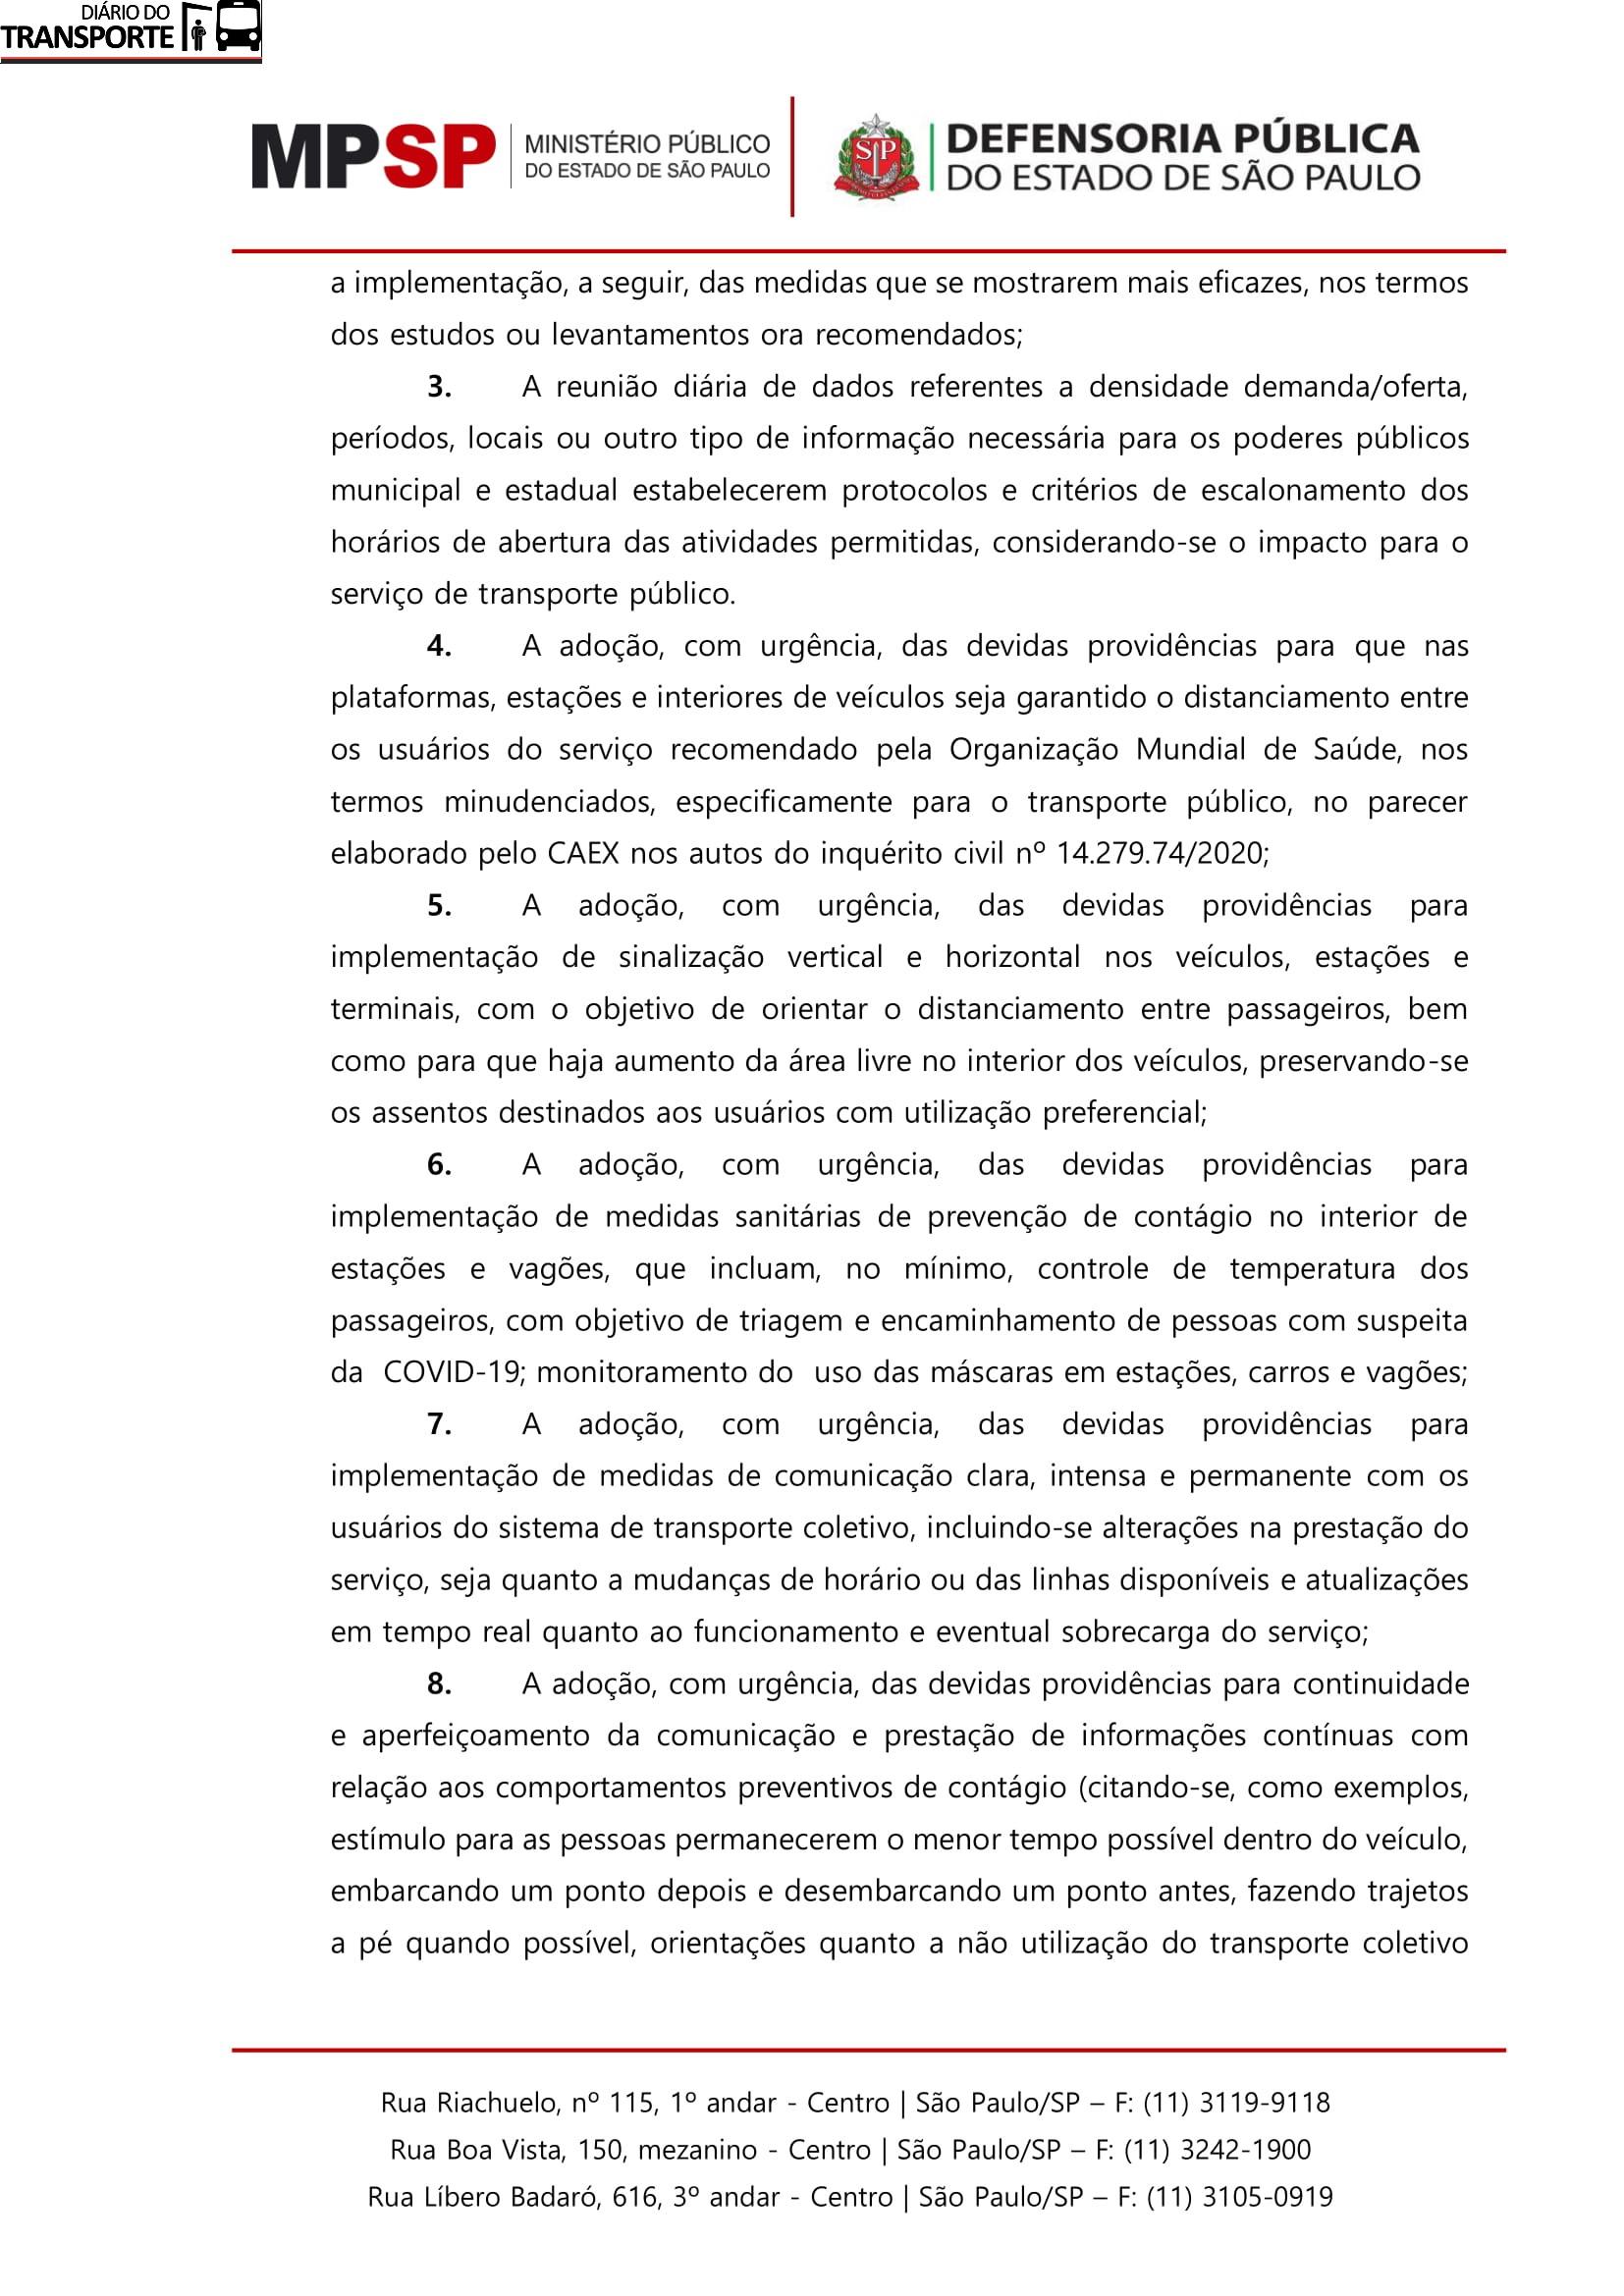 recomendação transporte_CPTM-10